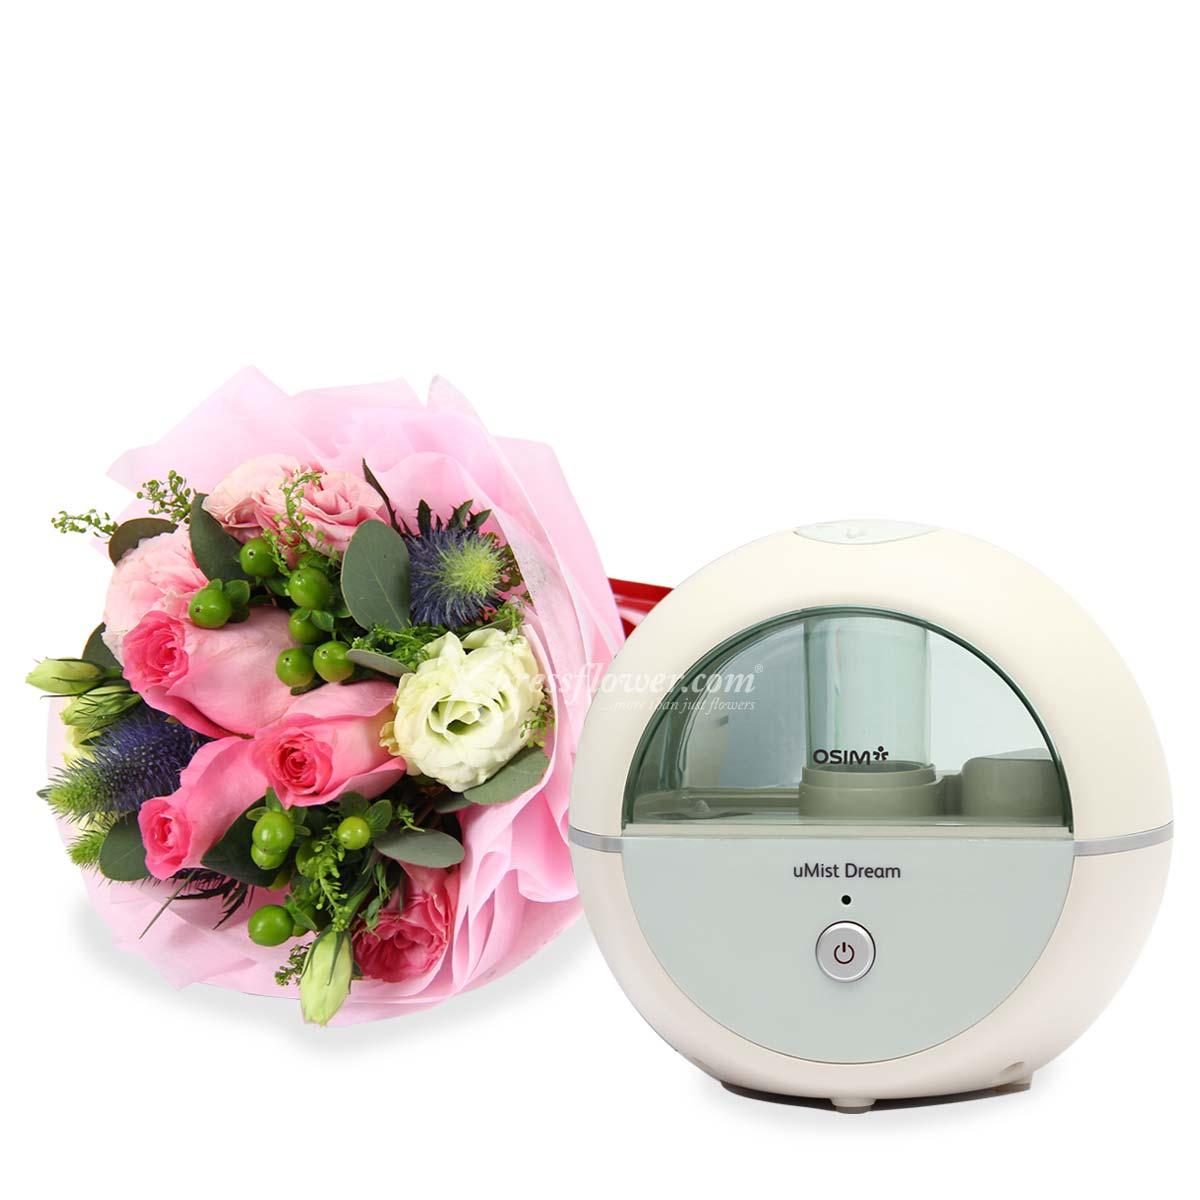 uMist Dream Air Humidifier